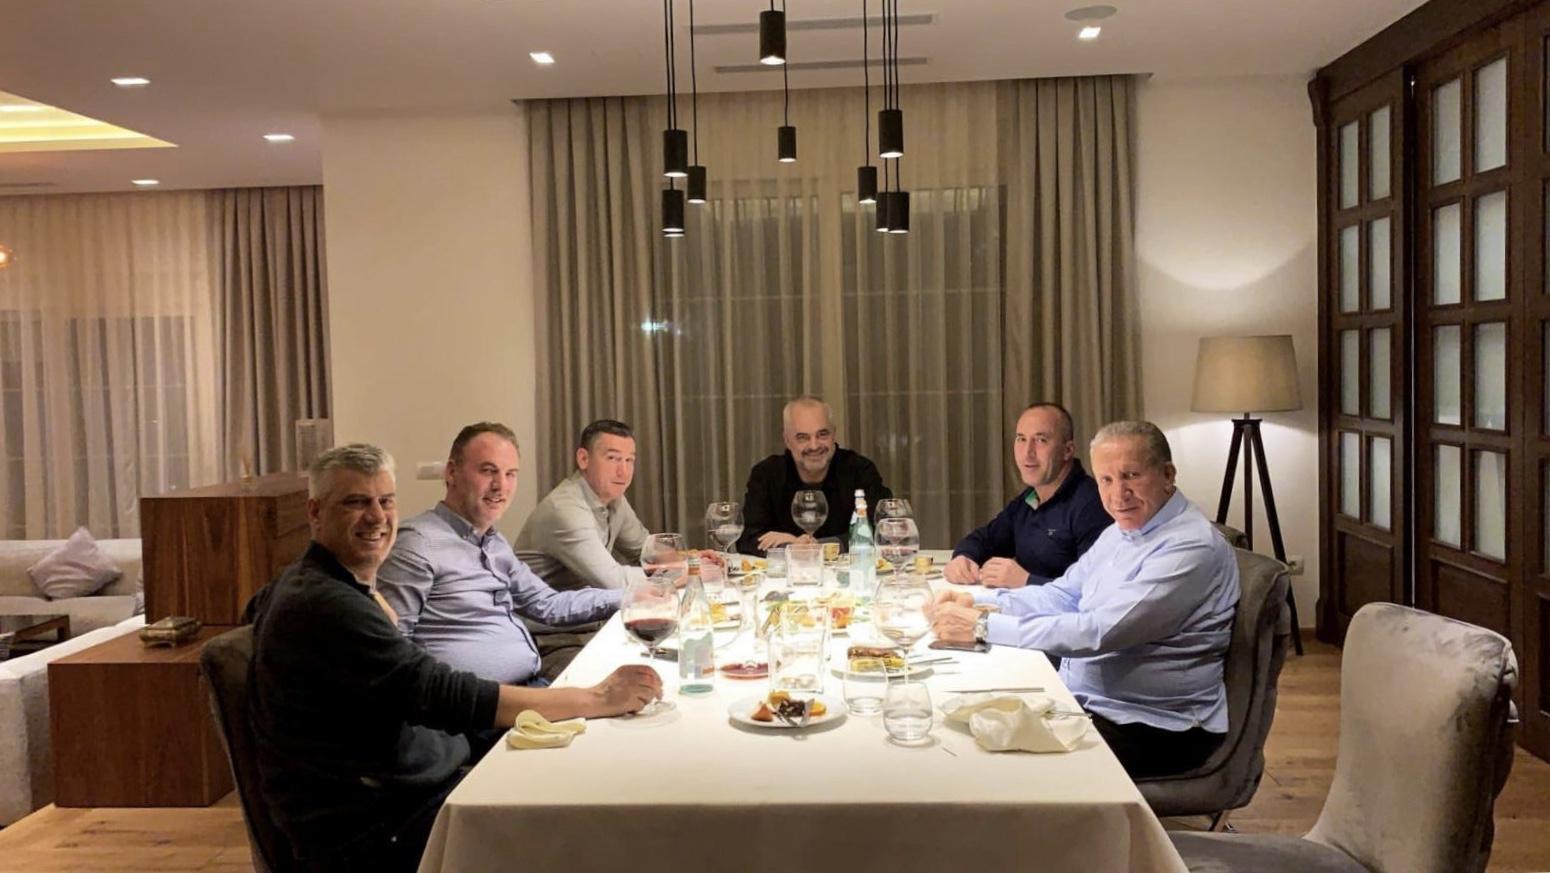 Veseli tregon arsyet e takimit të mbrëmshëm me liderë